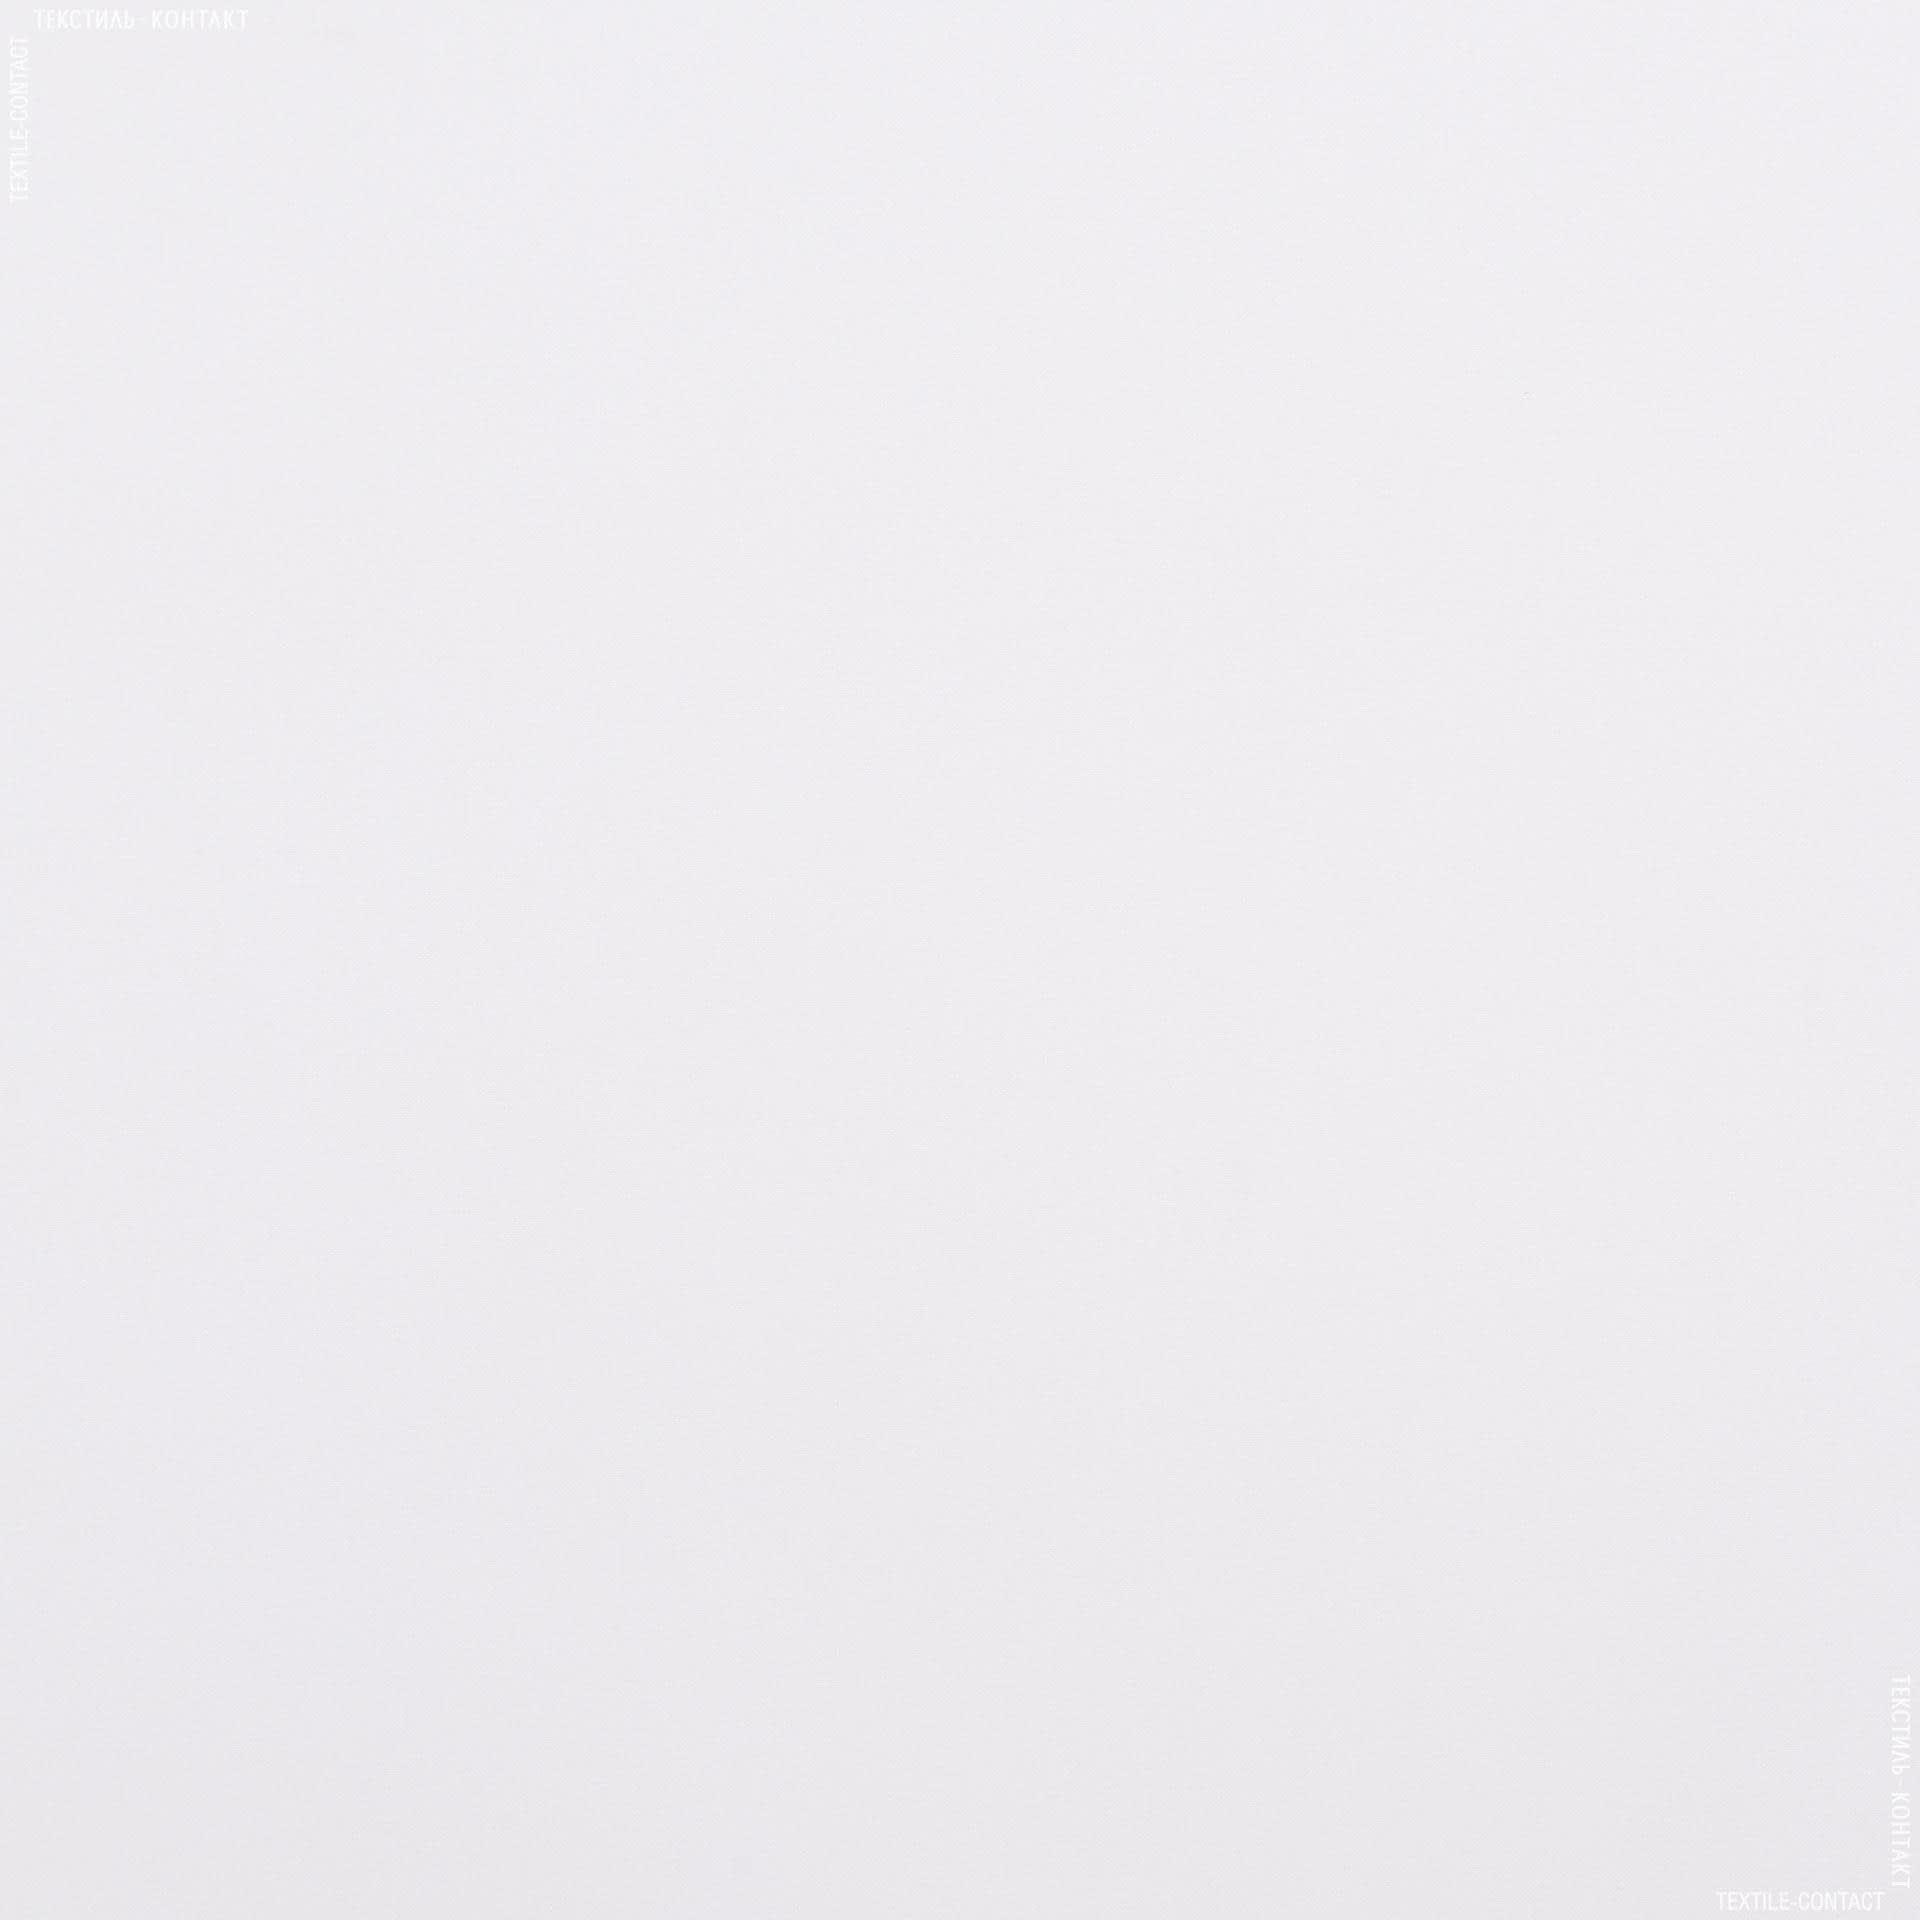 Тканини для спецодягу - Мінімед білий